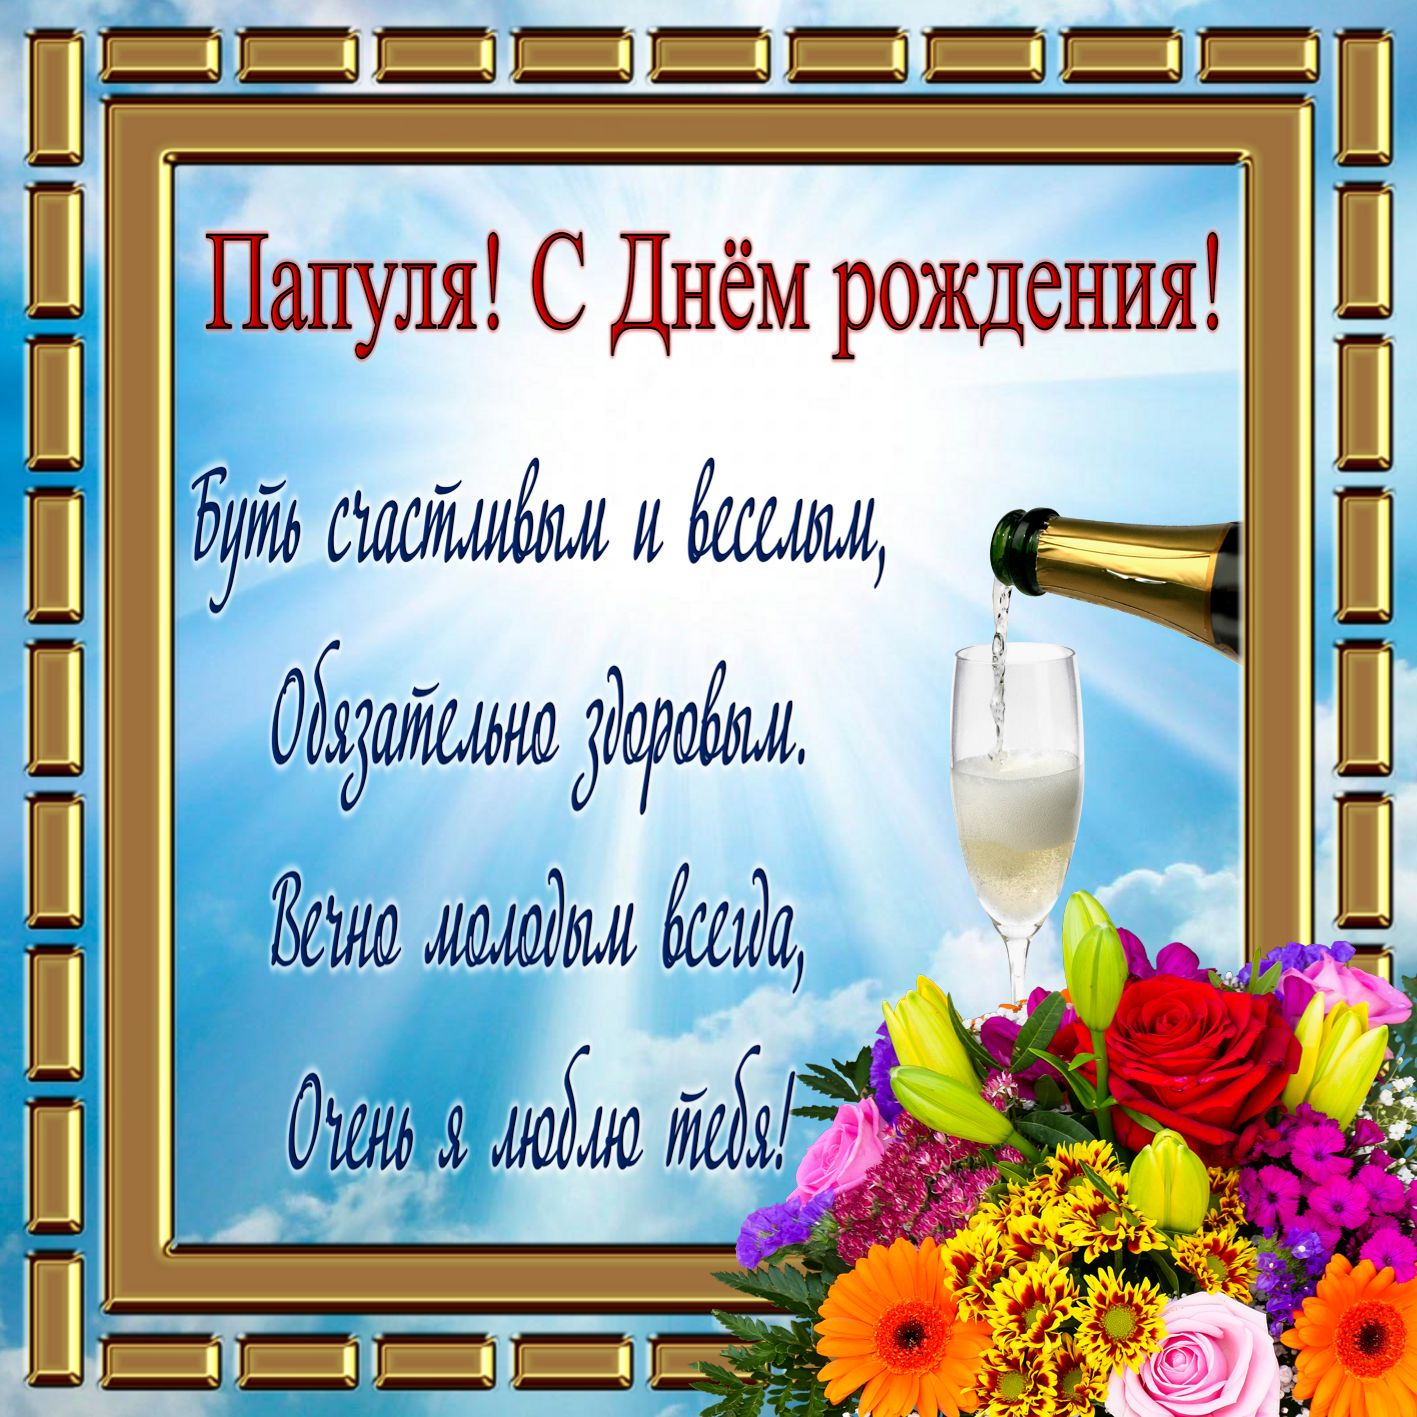 Пожелания отцу для поздравления сына